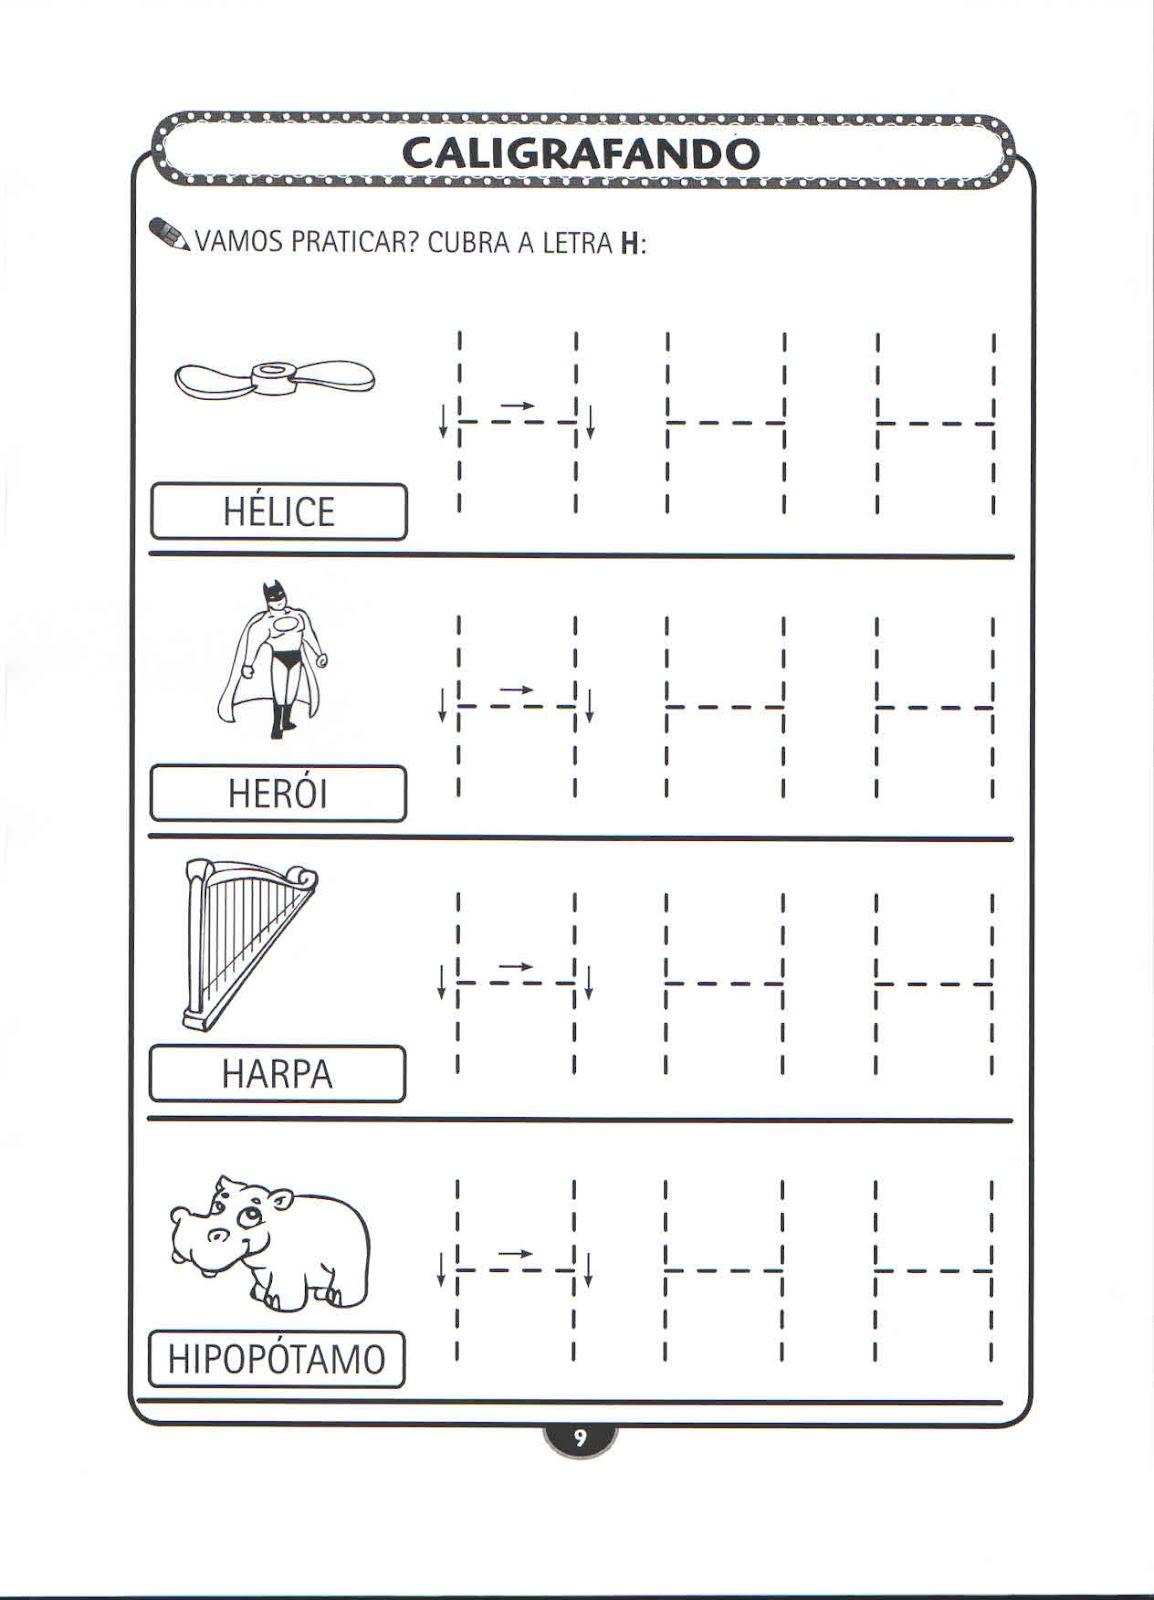 atividades para educa o infantil atividades para educa o infantil caligrafando. Black Bedroom Furniture Sets. Home Design Ideas